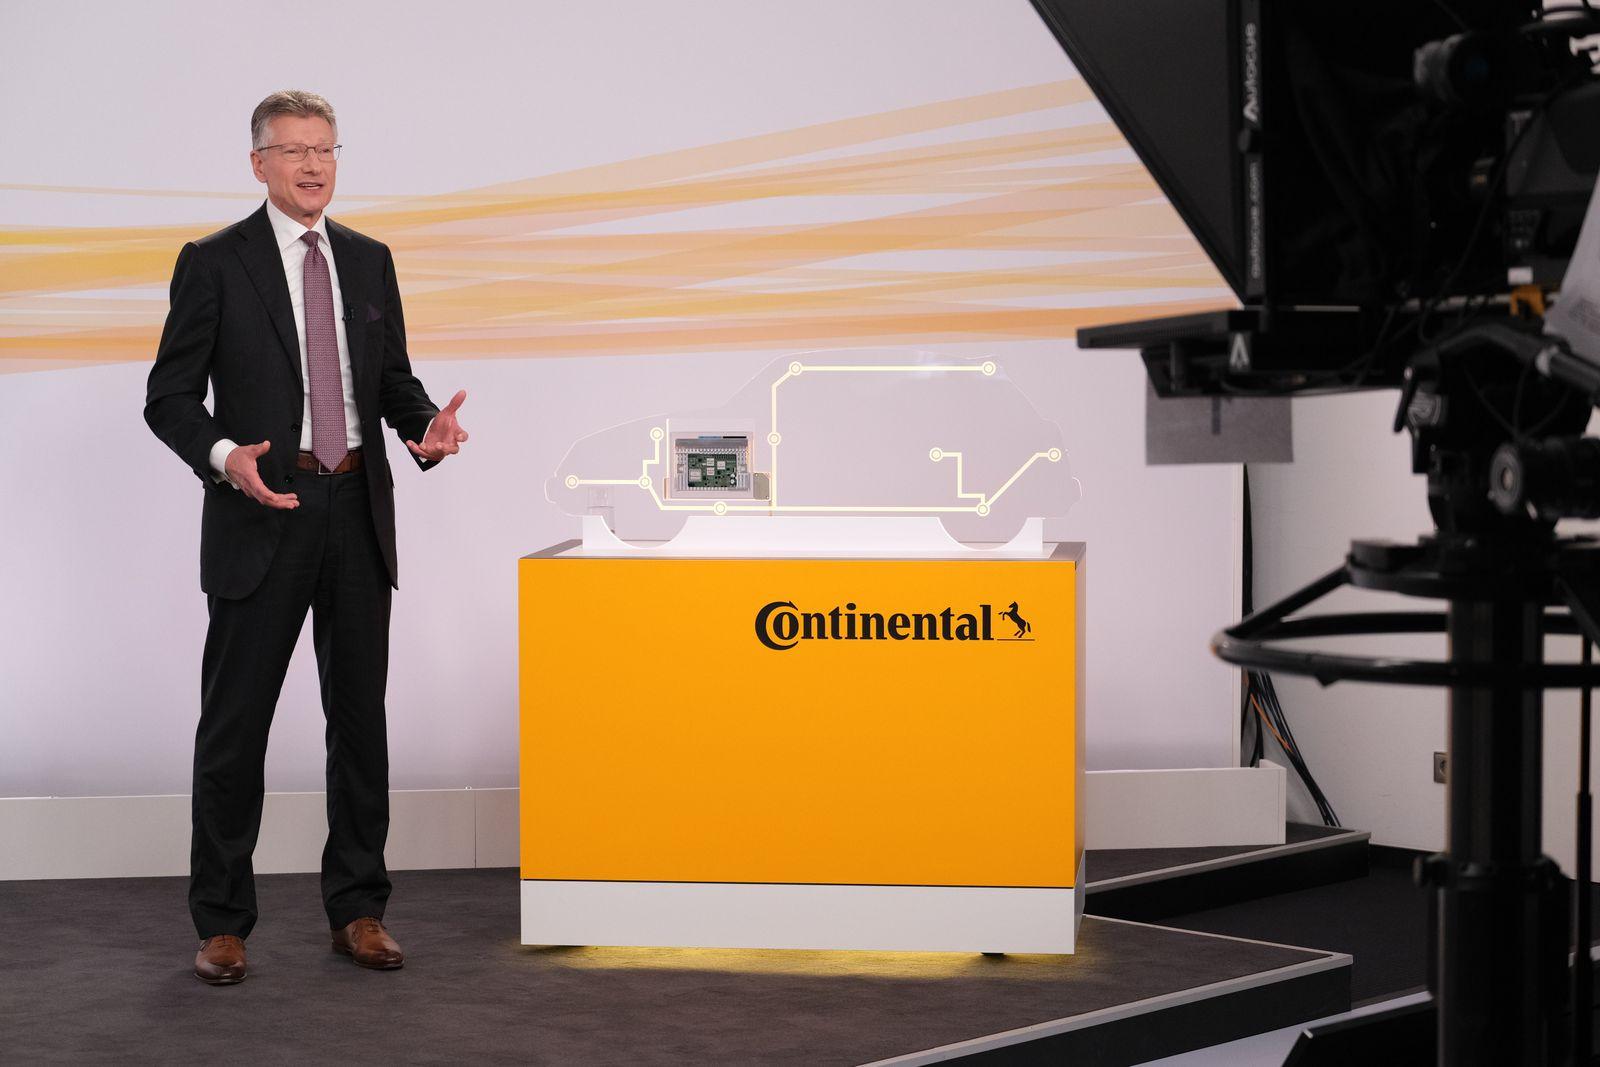 Continental Hauptversammlung 2020 / Dr. Elmar Degenhart